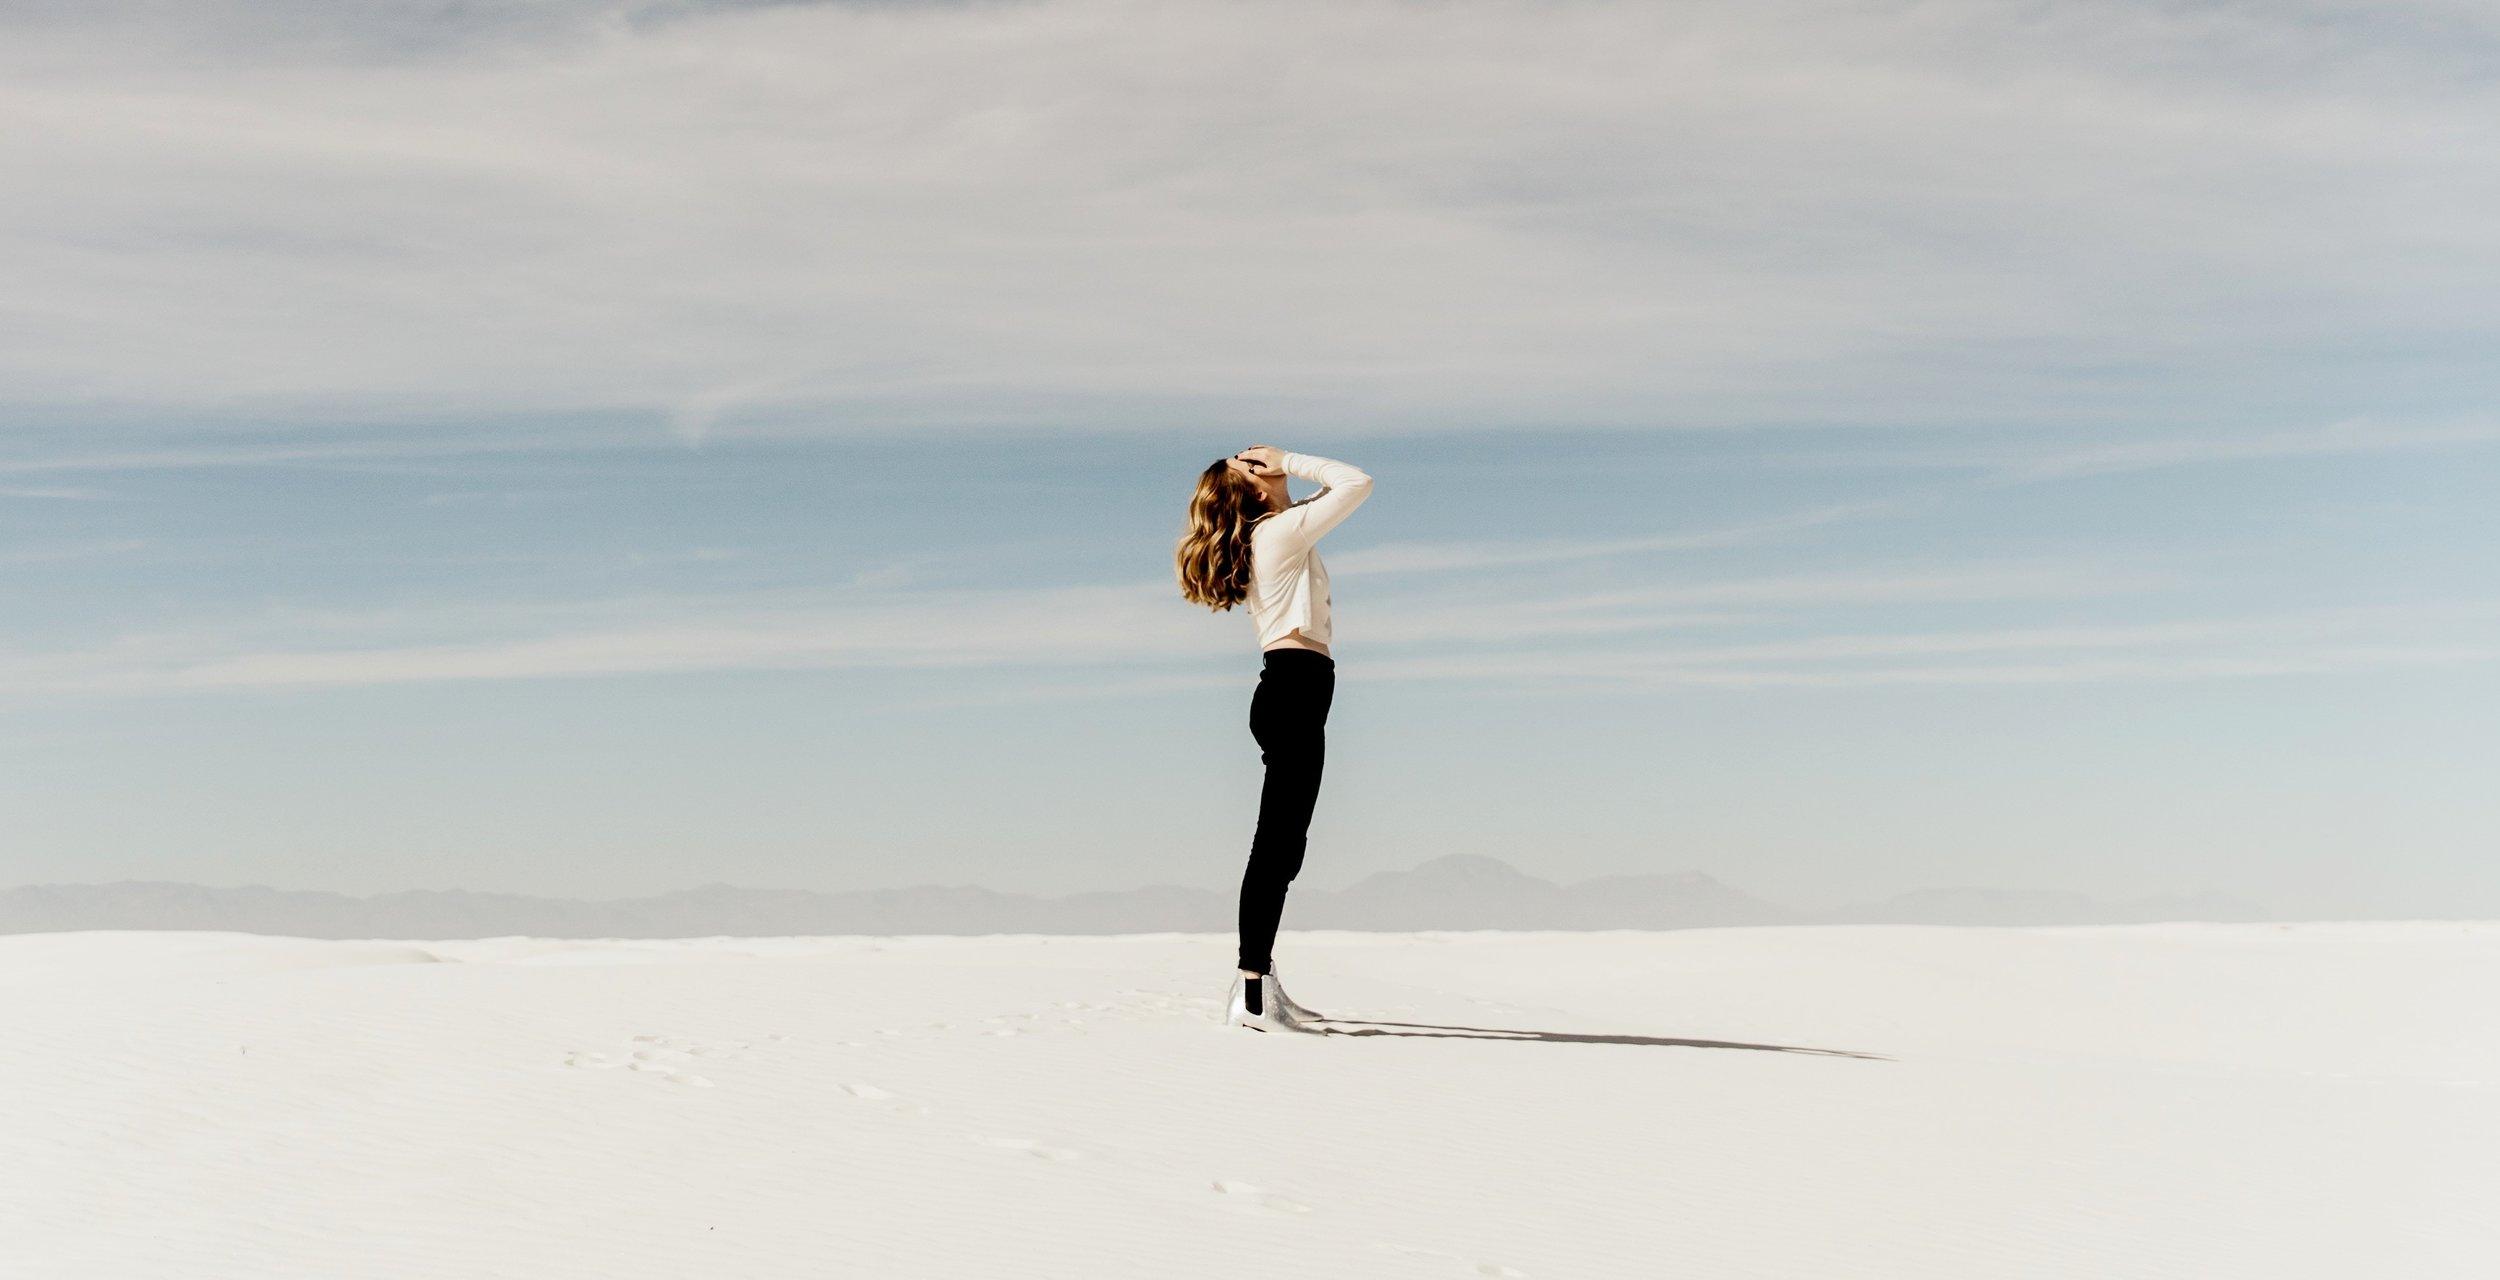 Photo de  averie woodard  sur  Unsplash